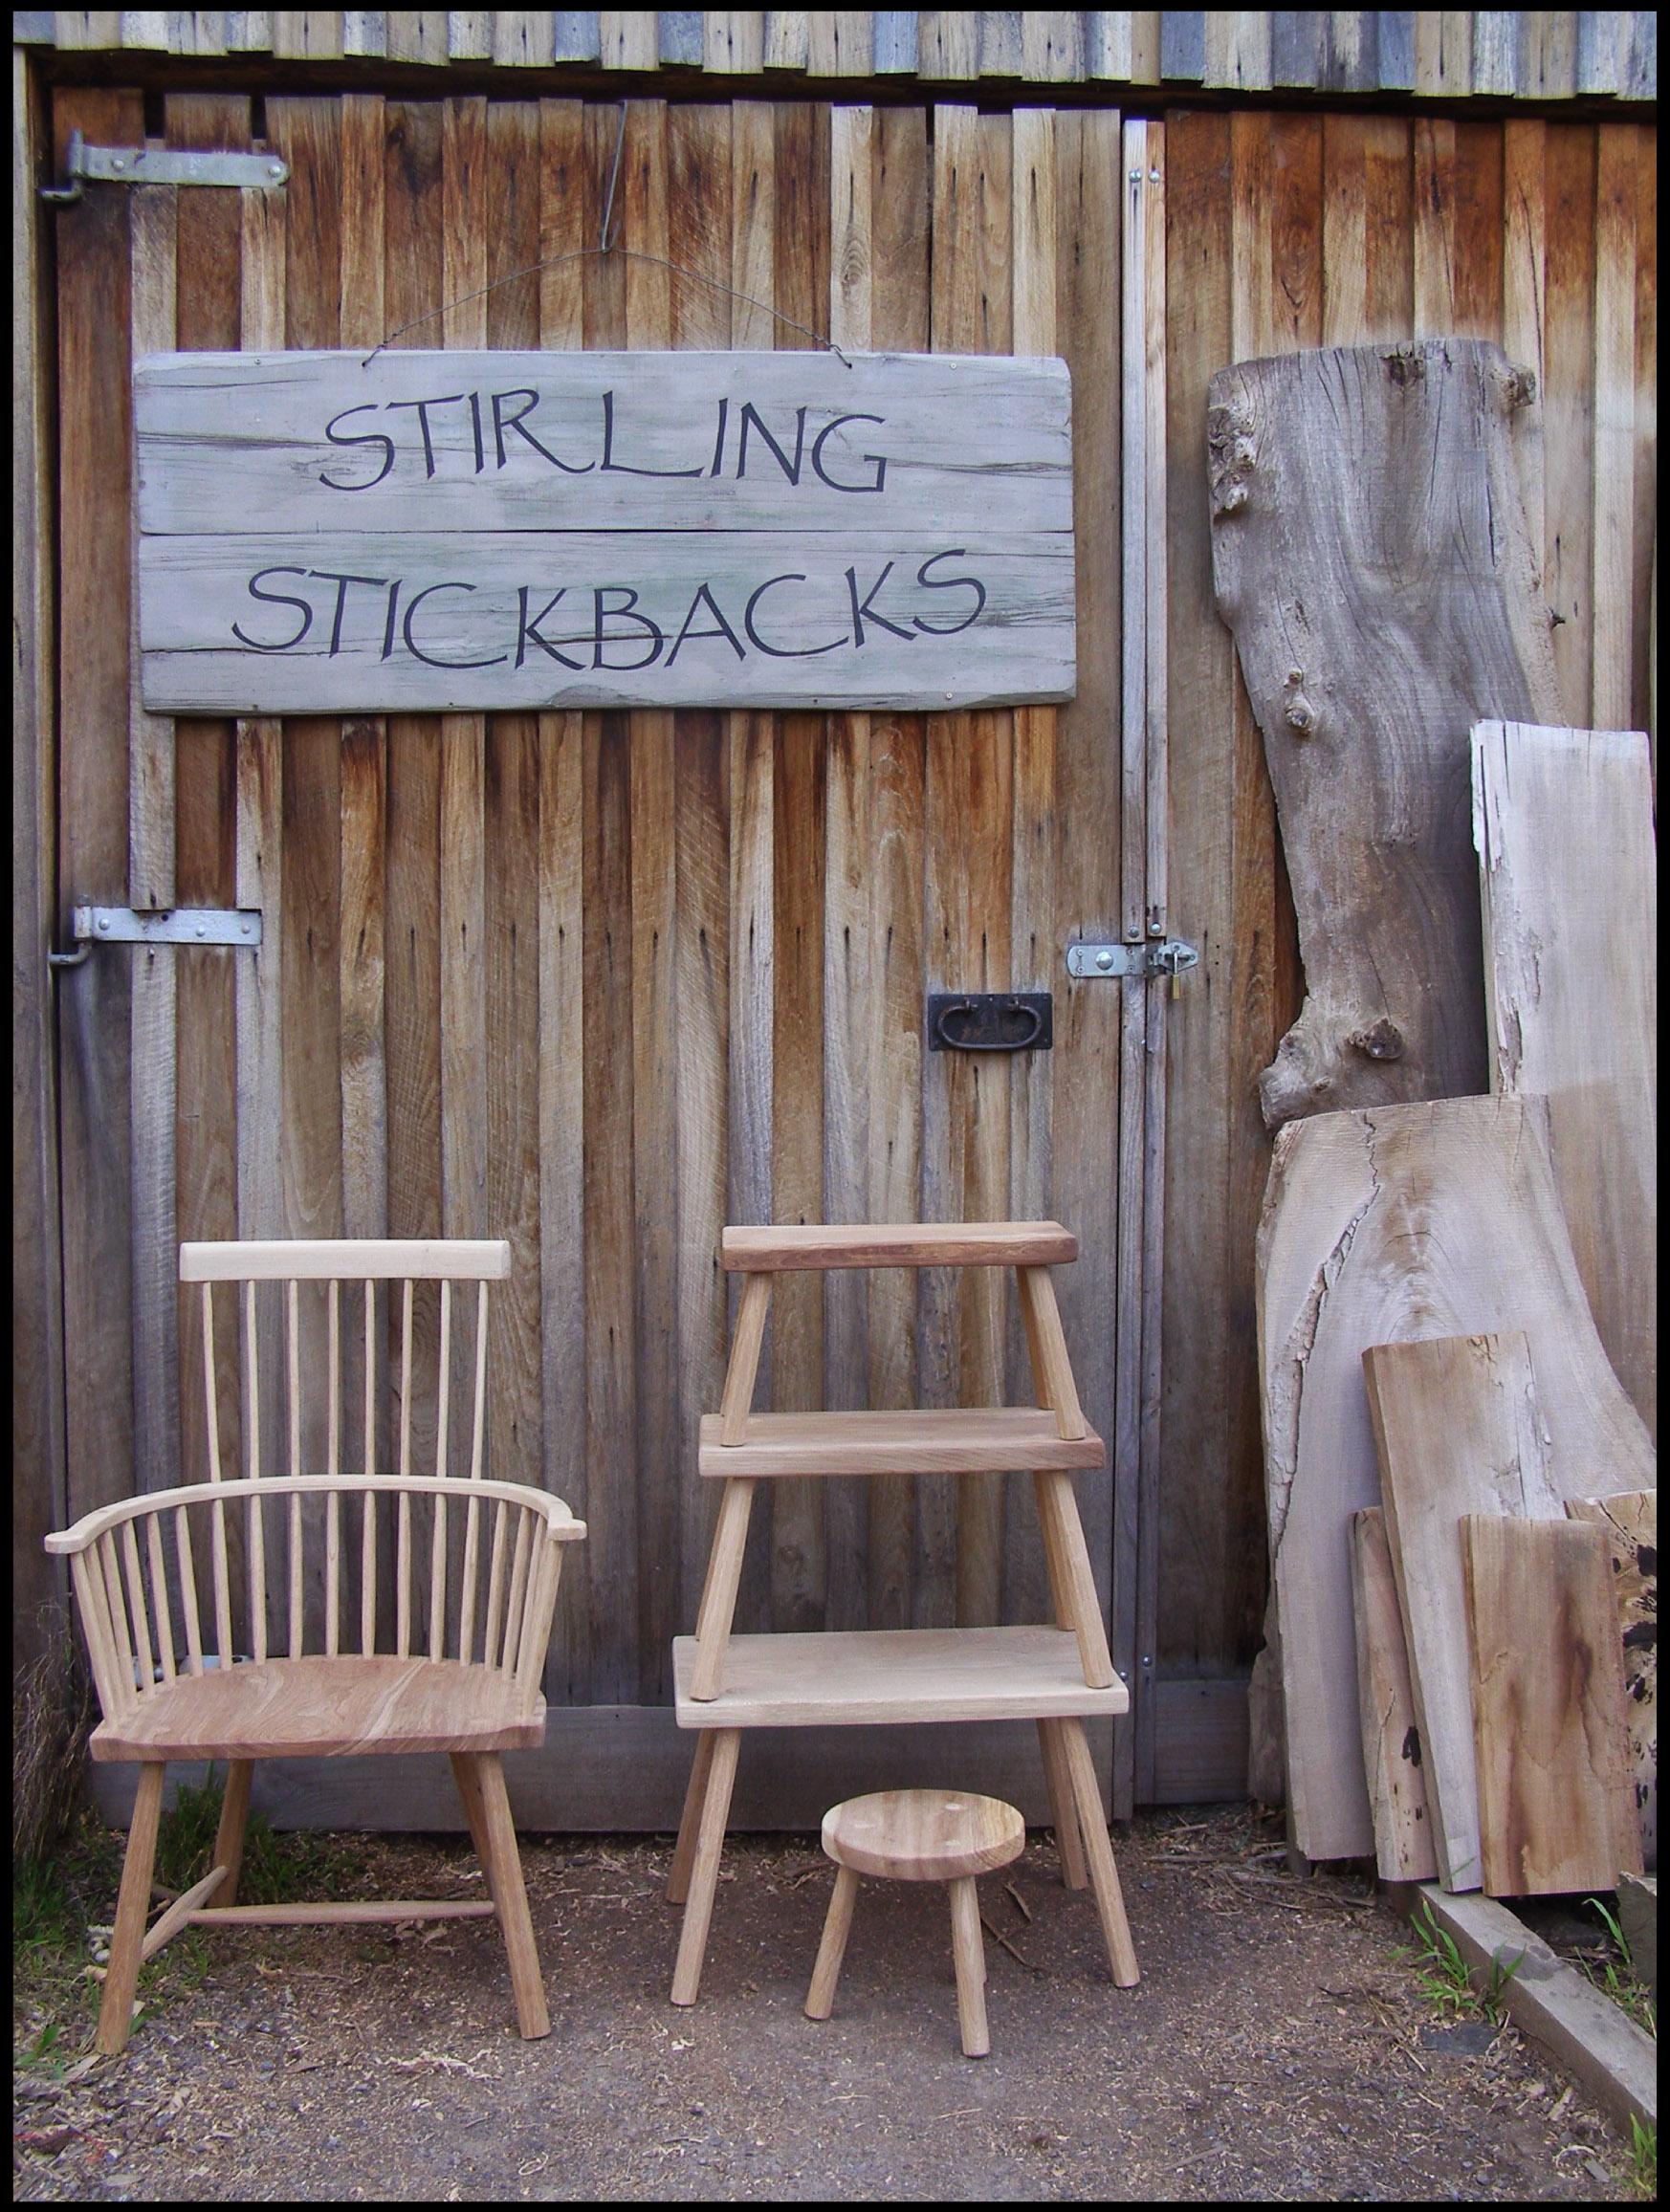 Greg stirling furniture timeless design traditional craftsmanship